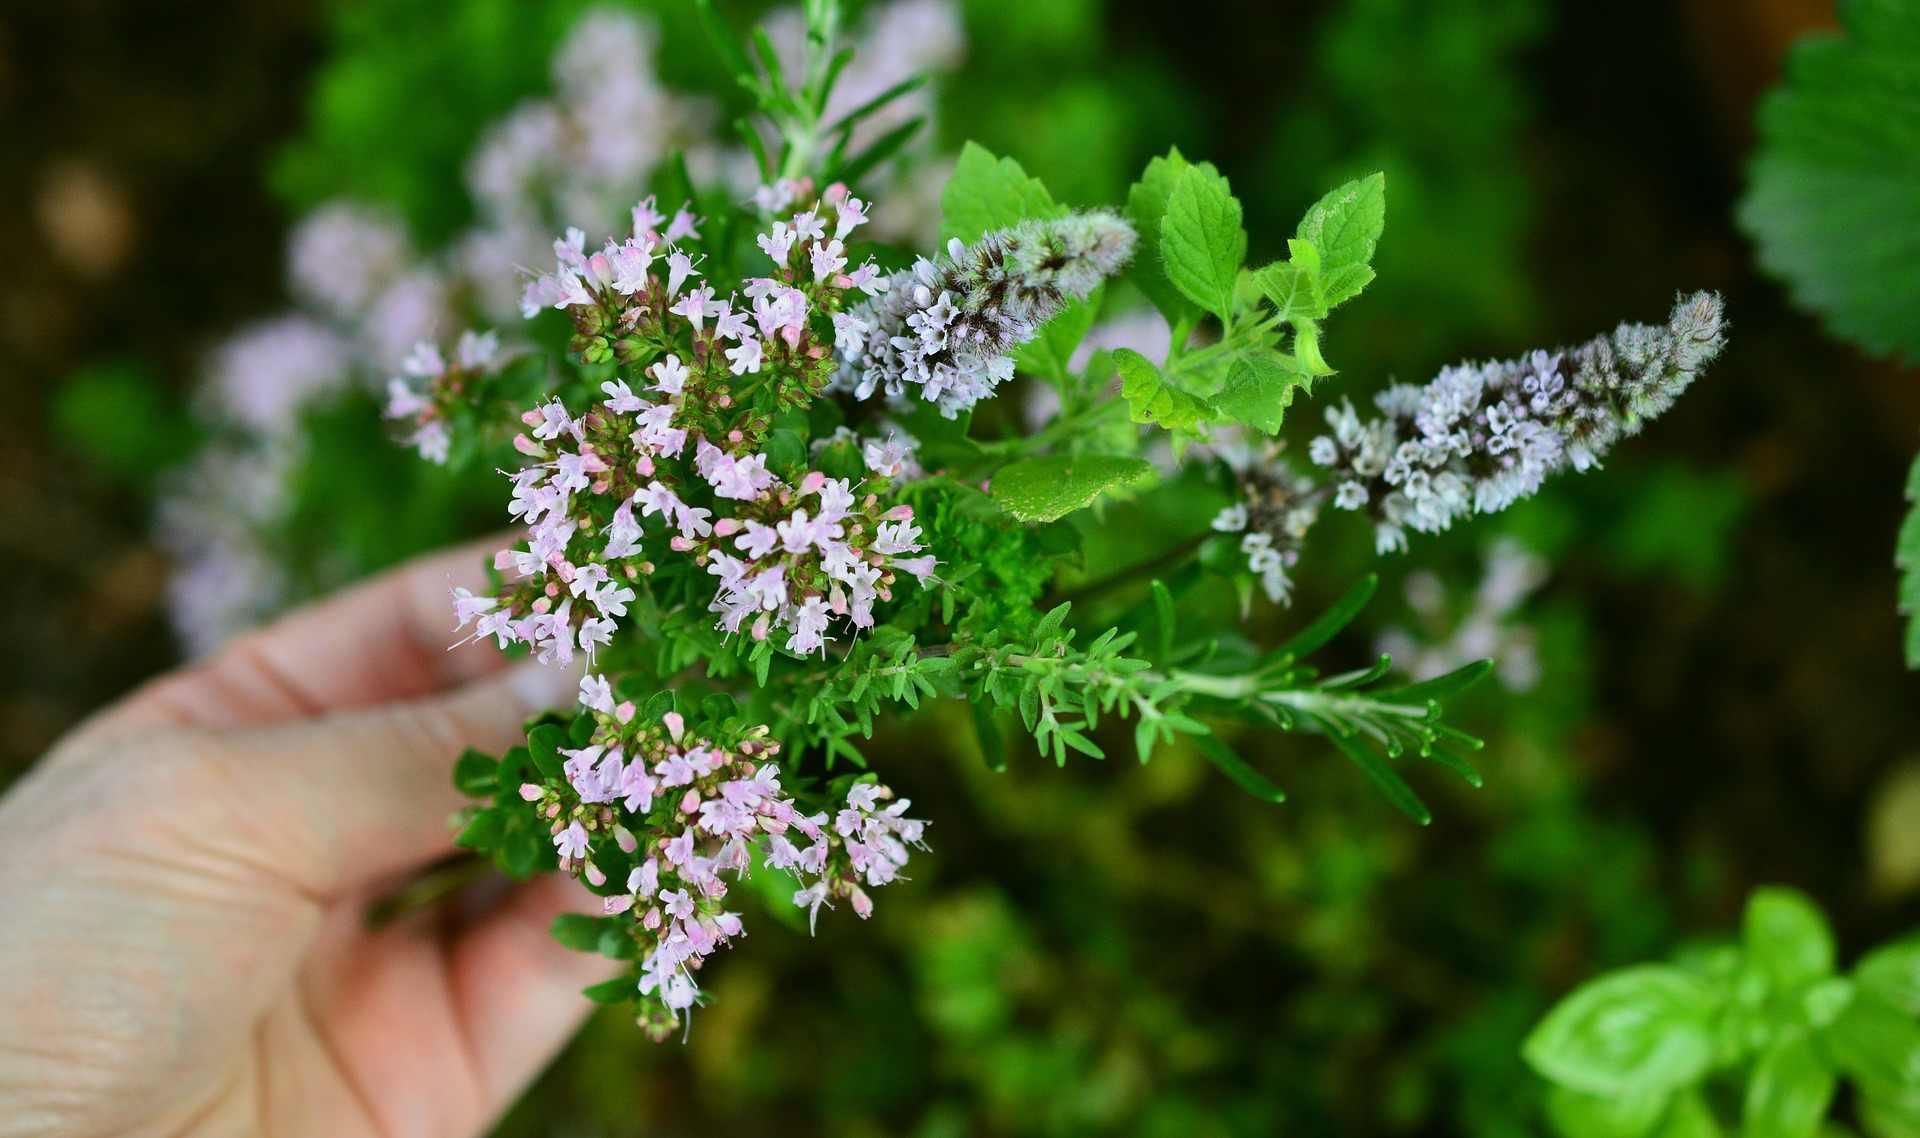 Съедобные сорняки, которые растут прямо у нас под ногами — вкусно и полезно!